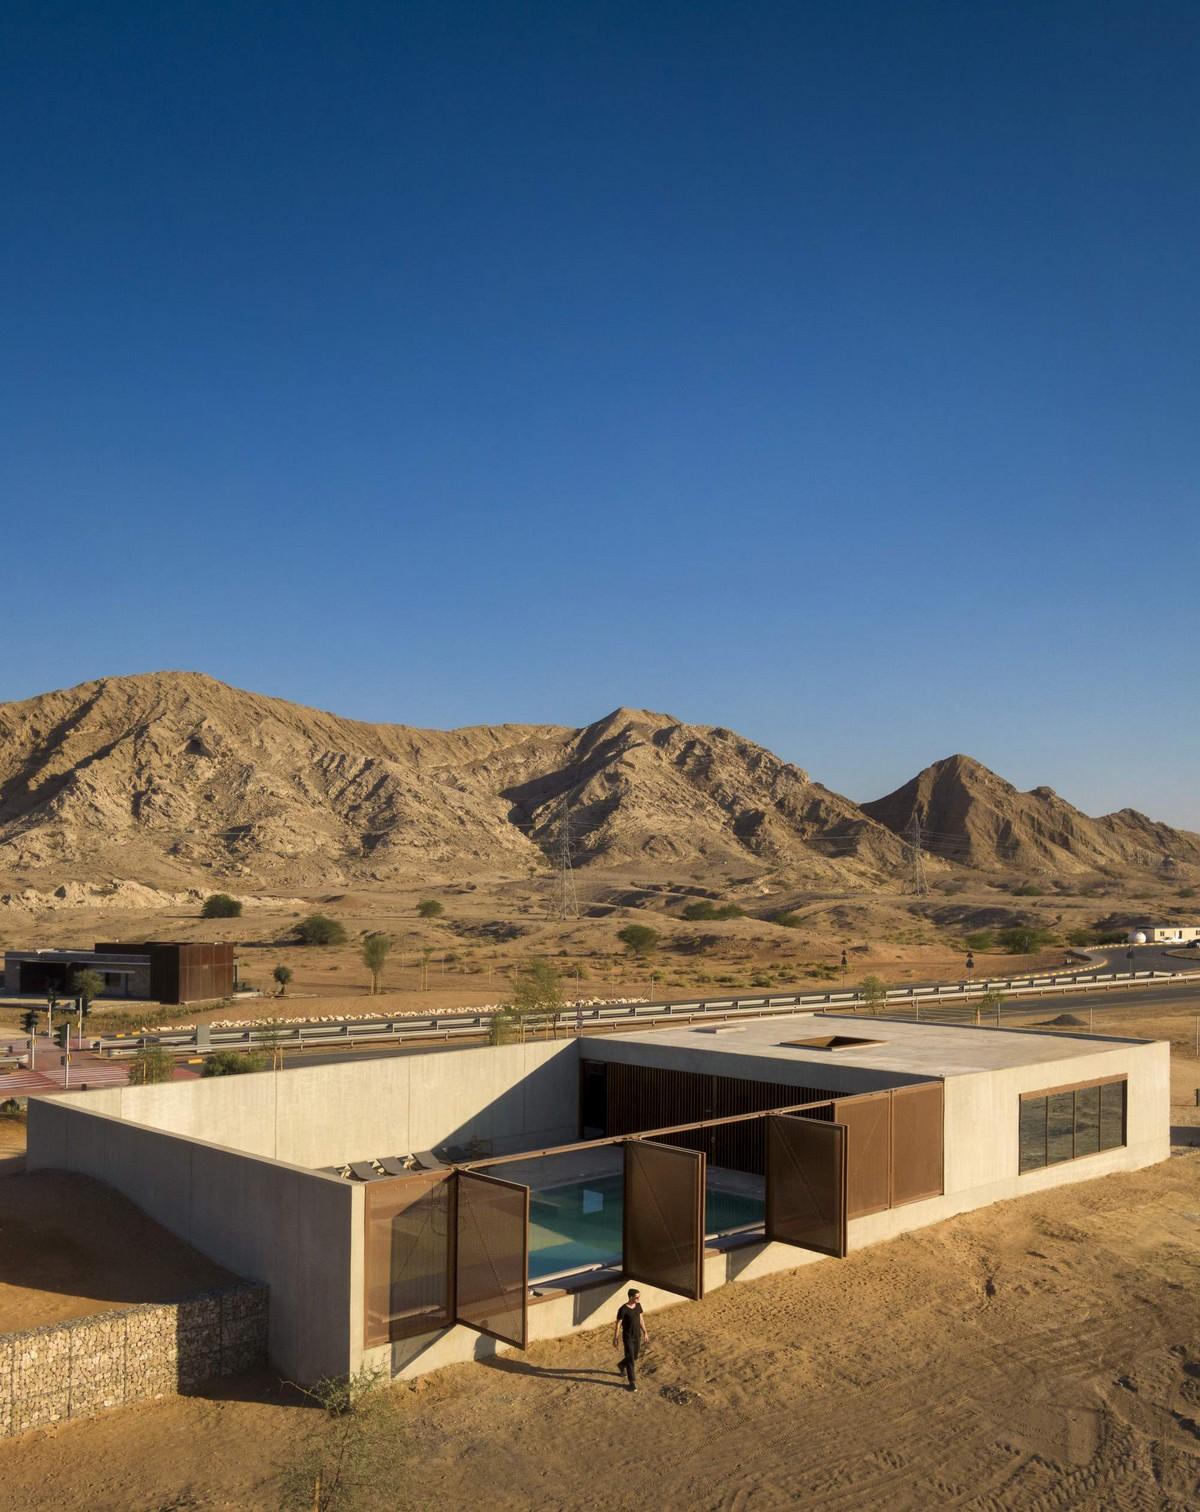 Спа-отель в песках пустыни ОАЭ